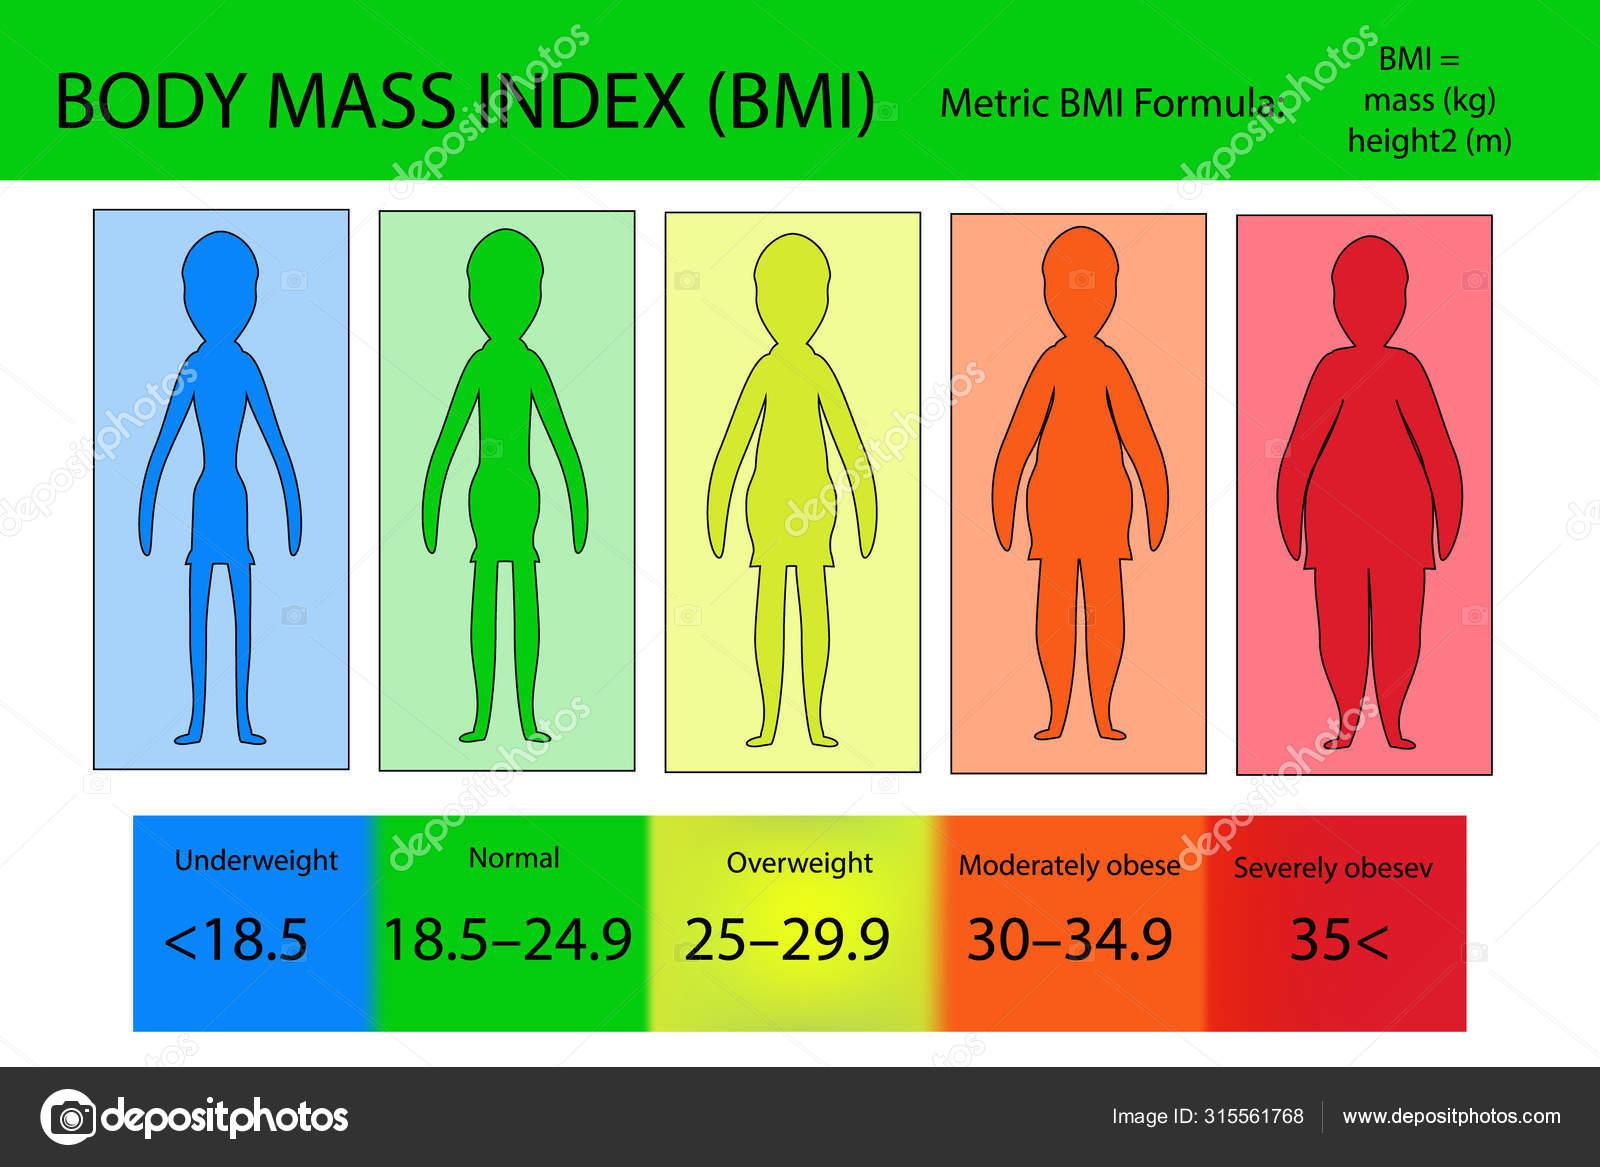 Body Mass Index Vektor von untergewichtig bis extrem fettleibig.  Frauensilhouetten mit unterschiedlichen Fettleibigkeitsgraden. 20